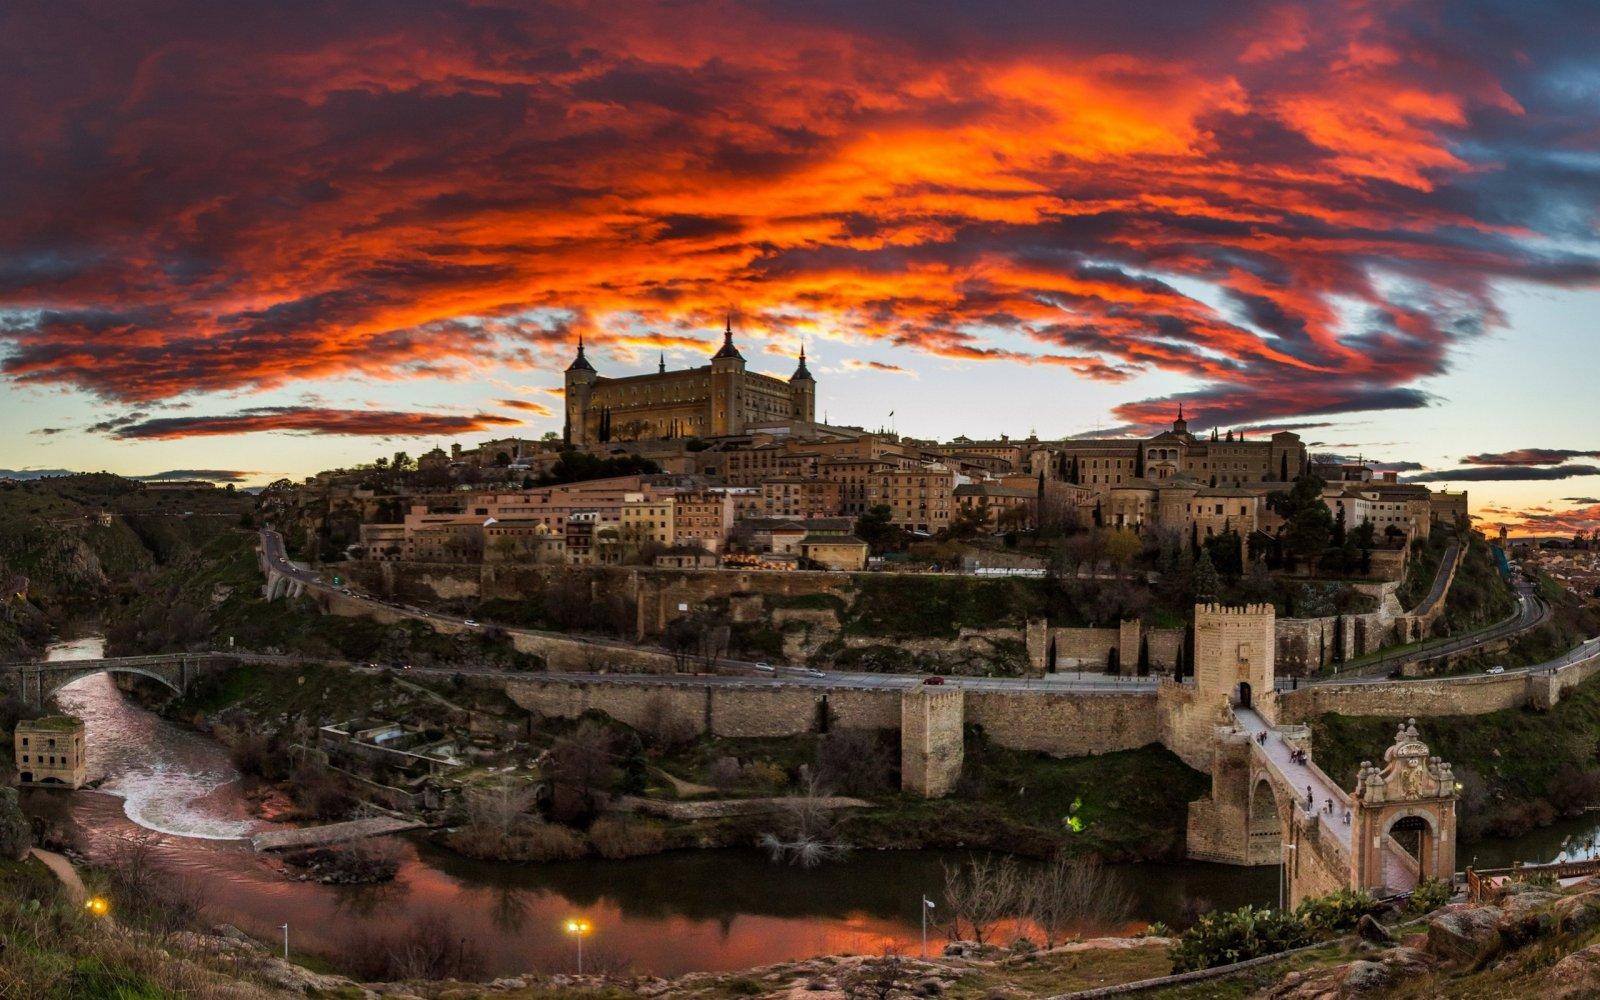 Автомобильная экскурсия из Мадрида в Толедо. Очарование Средневековья